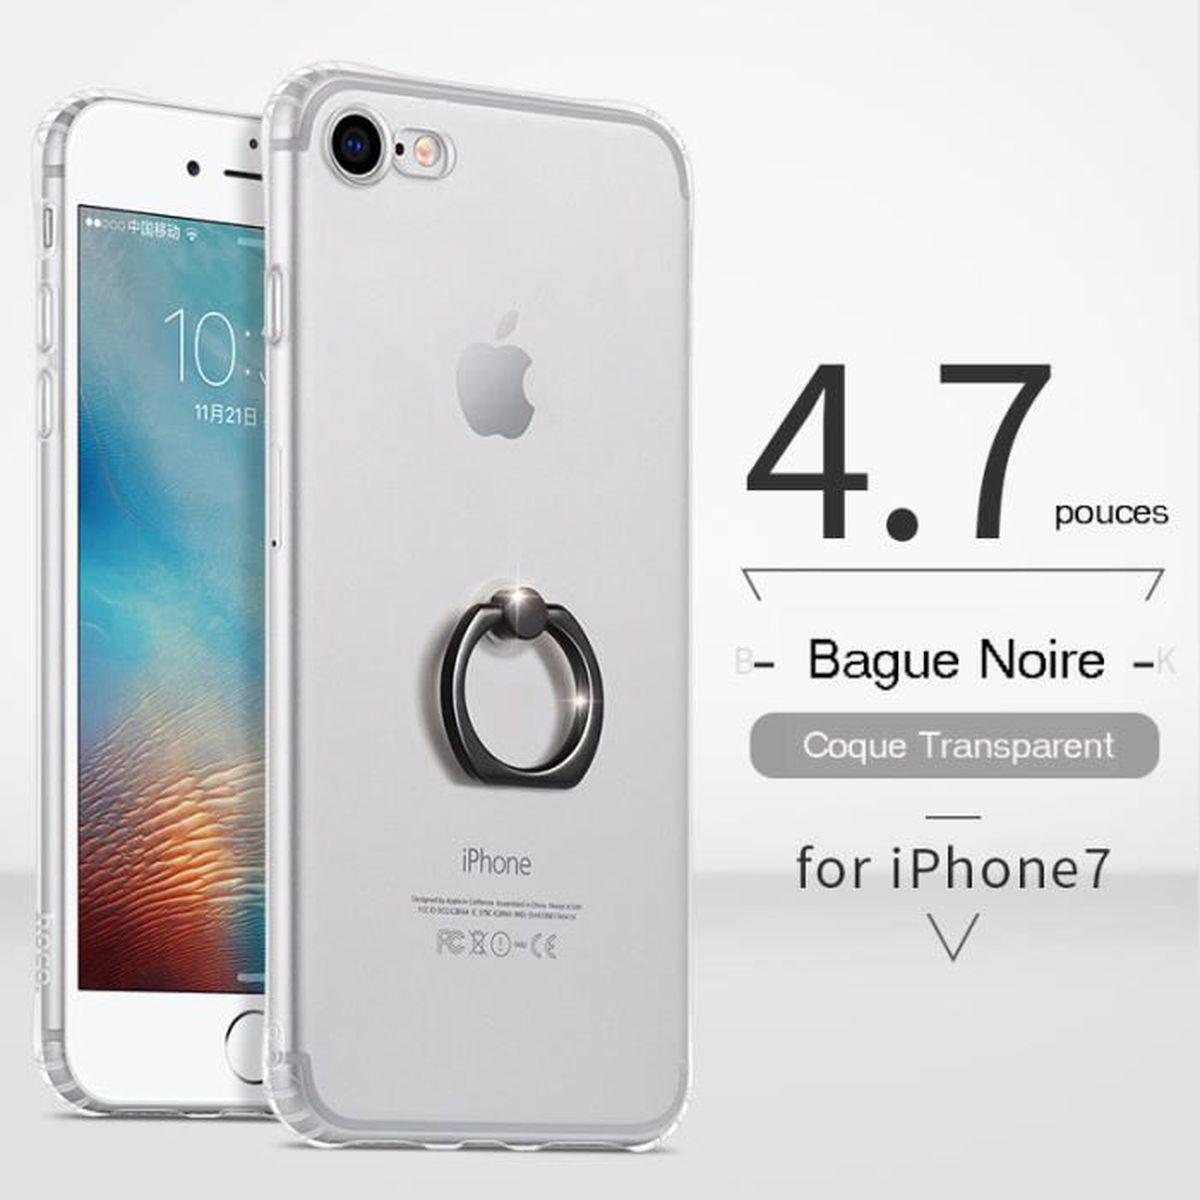 coque transparent pour iphone 7 ecran 4 7 pouces a